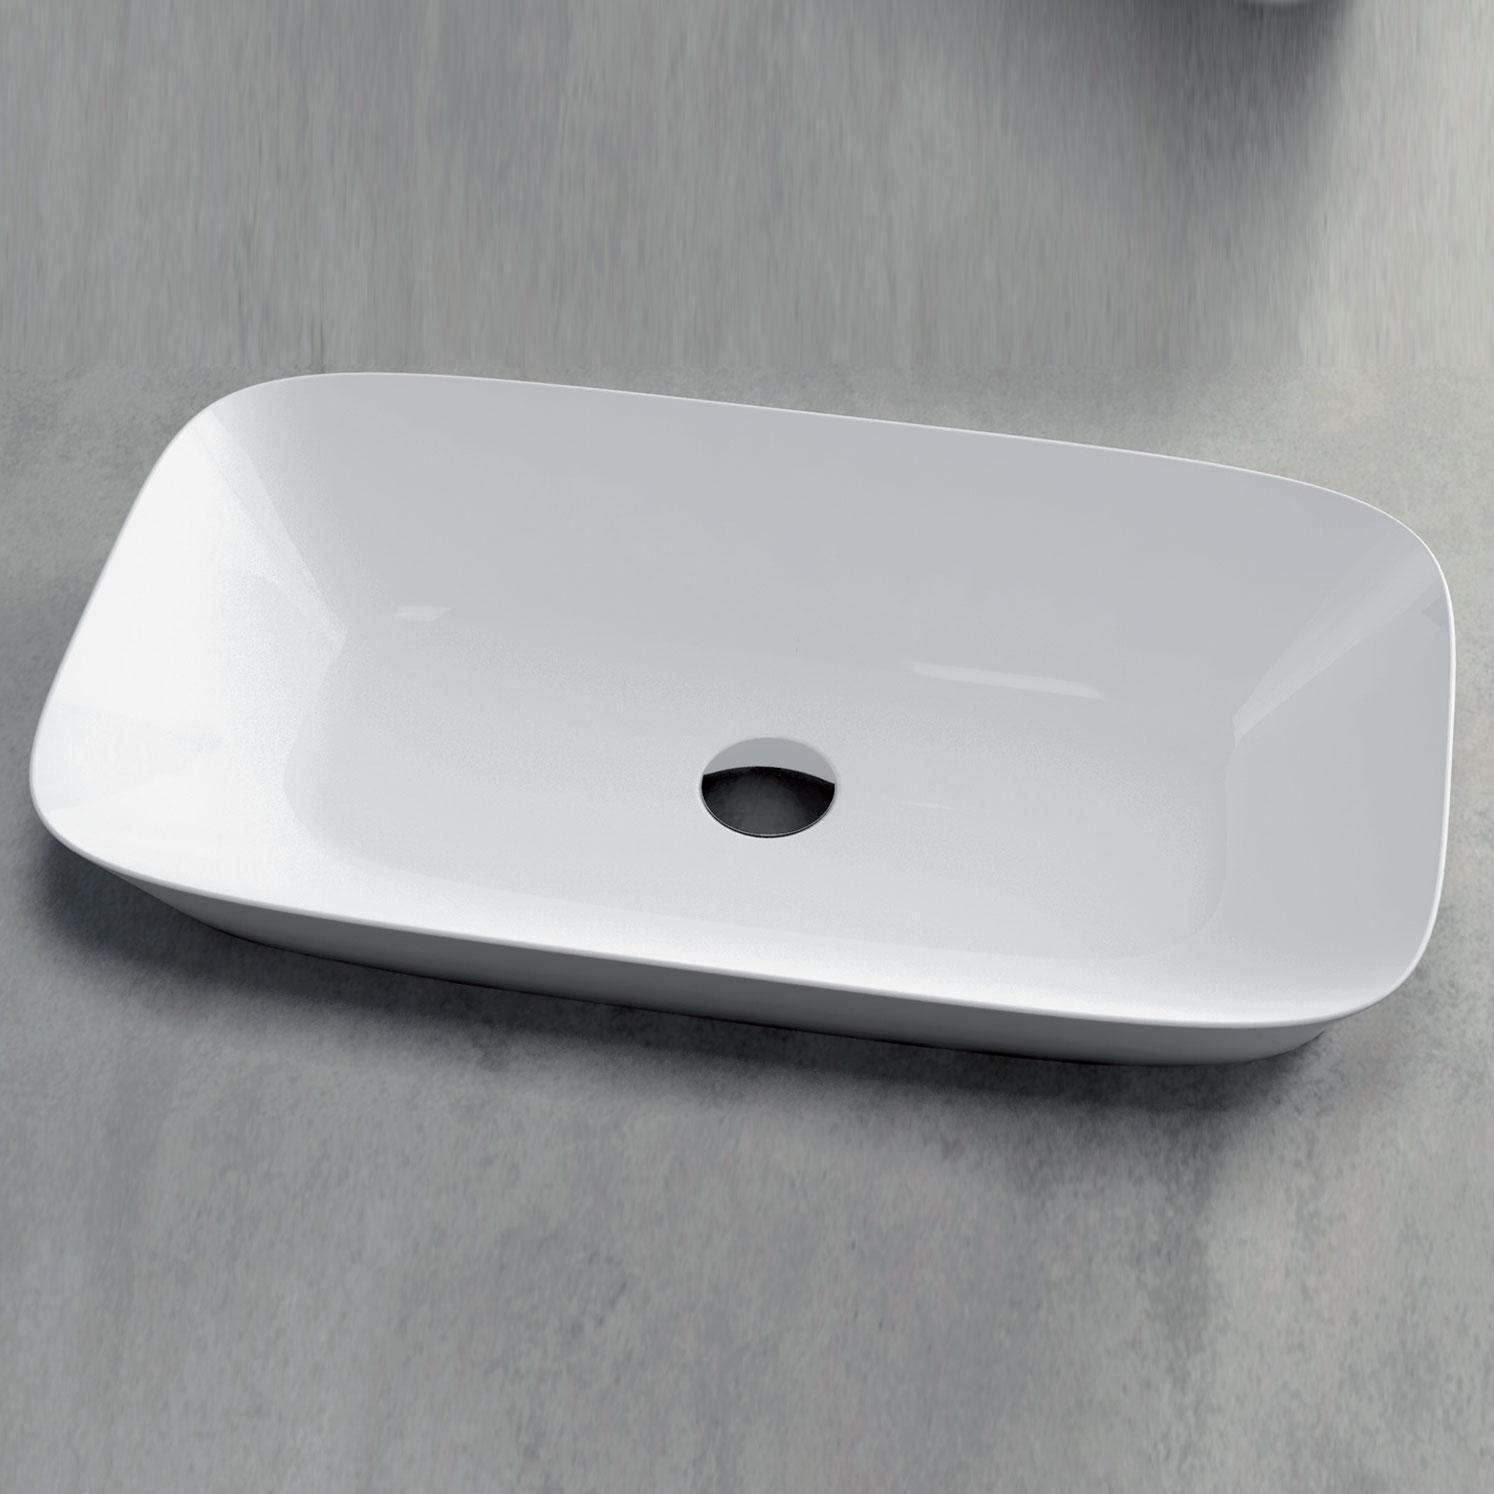 Lavabo incasso o da appoggio cm 50x40 Ceramica Azzurra Prua